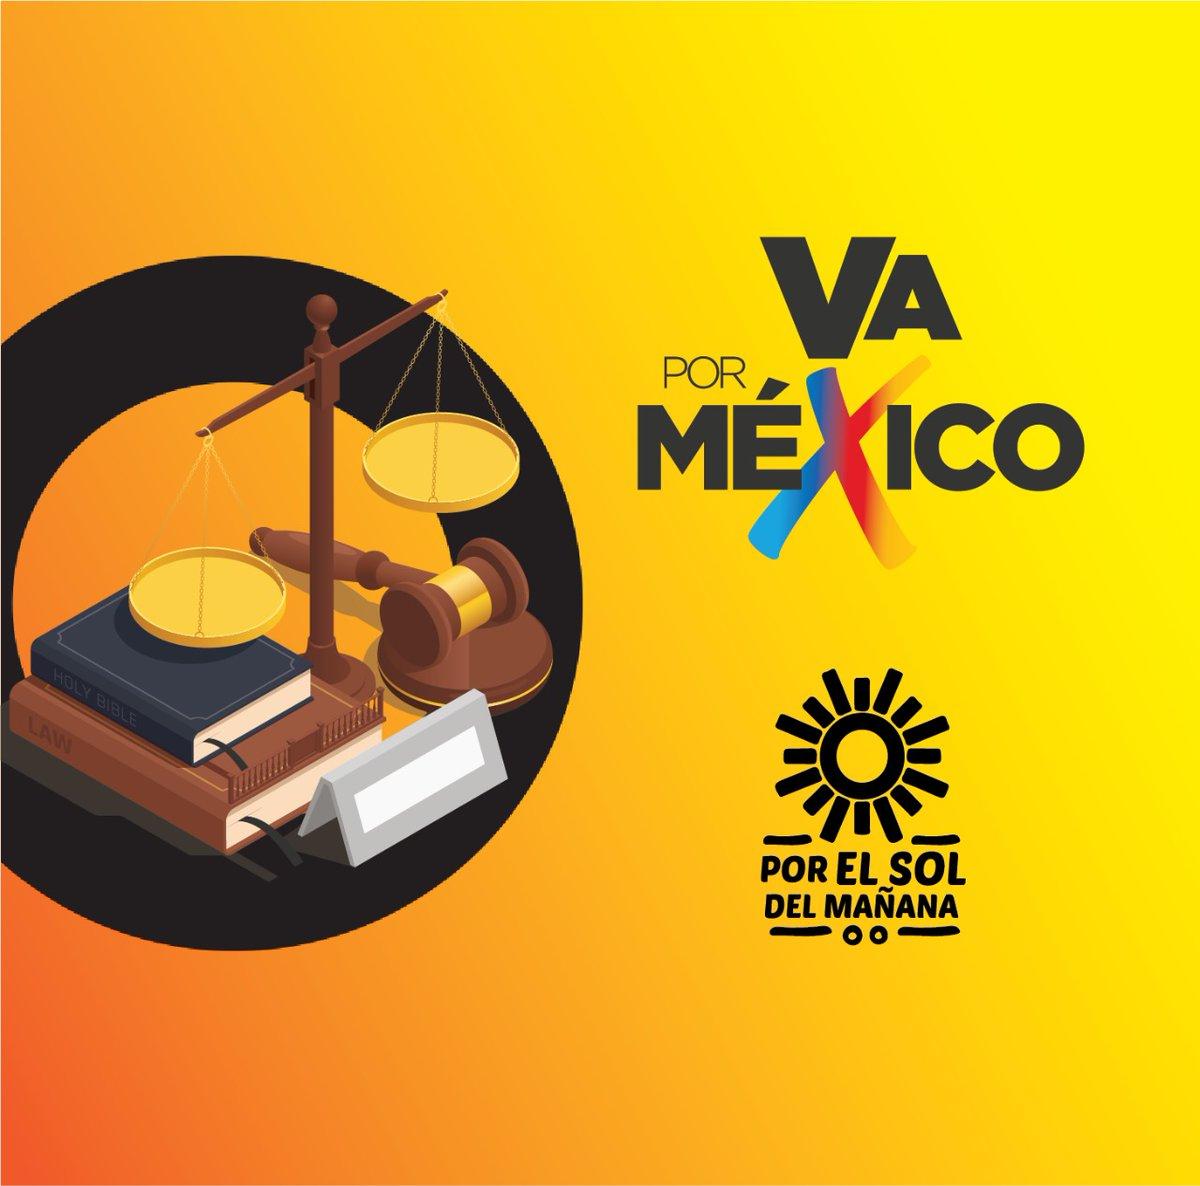 Desde el PRD seguimos defendiendo a México para evitar los enormes retrocesos que ha emprendido el gobierno en su embestida contra la democracia y las instituciones autónomas. #VotoÚtil #VotaPRD #VaPorMéxico https://t.co/mUEIUFv2j6